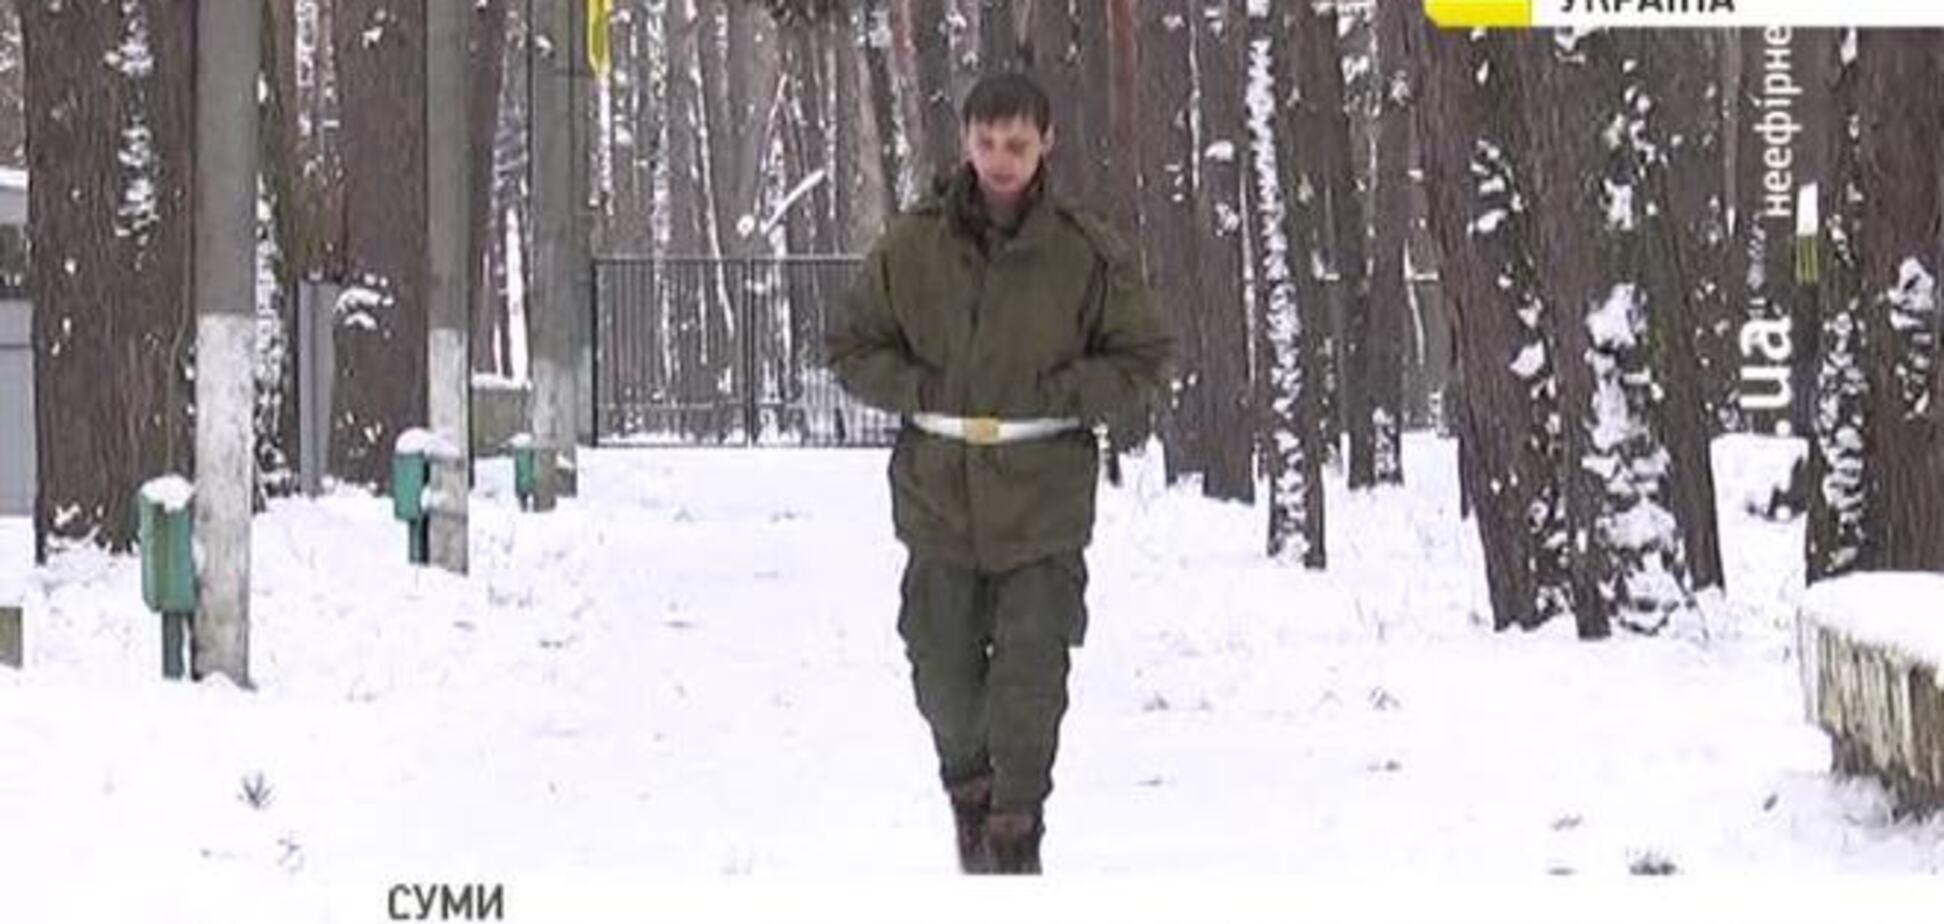 Московский кадет автостопом ехал в Украину, чтобы воевать на стороне сил АТО